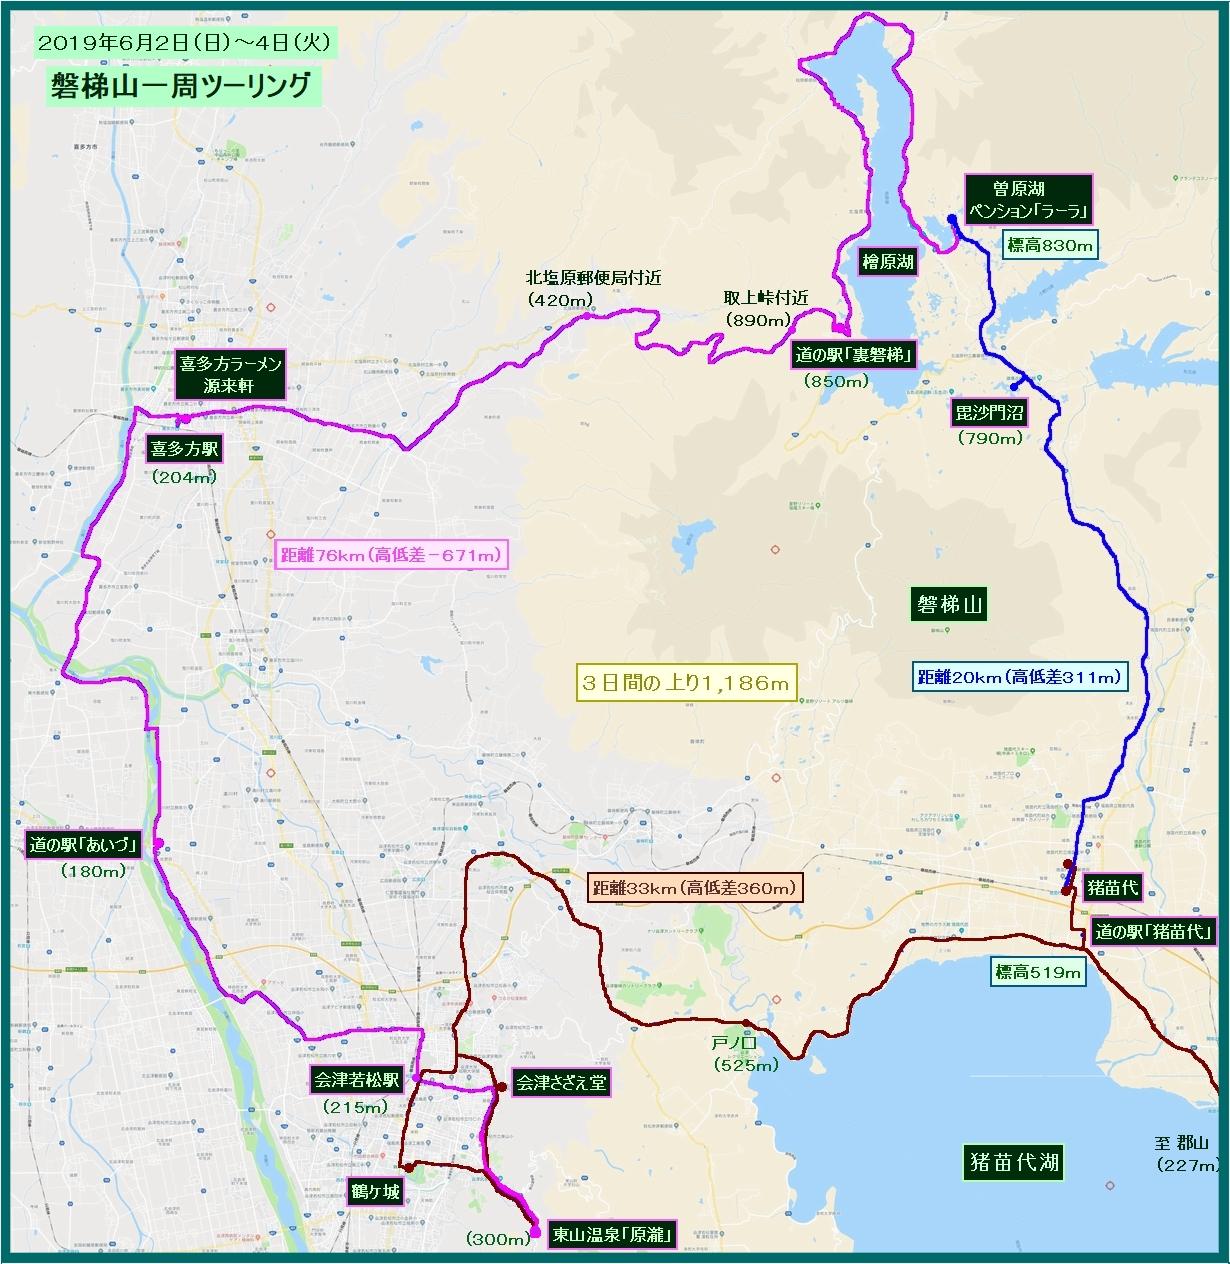 画像1(磐梯山一周コースマップ)